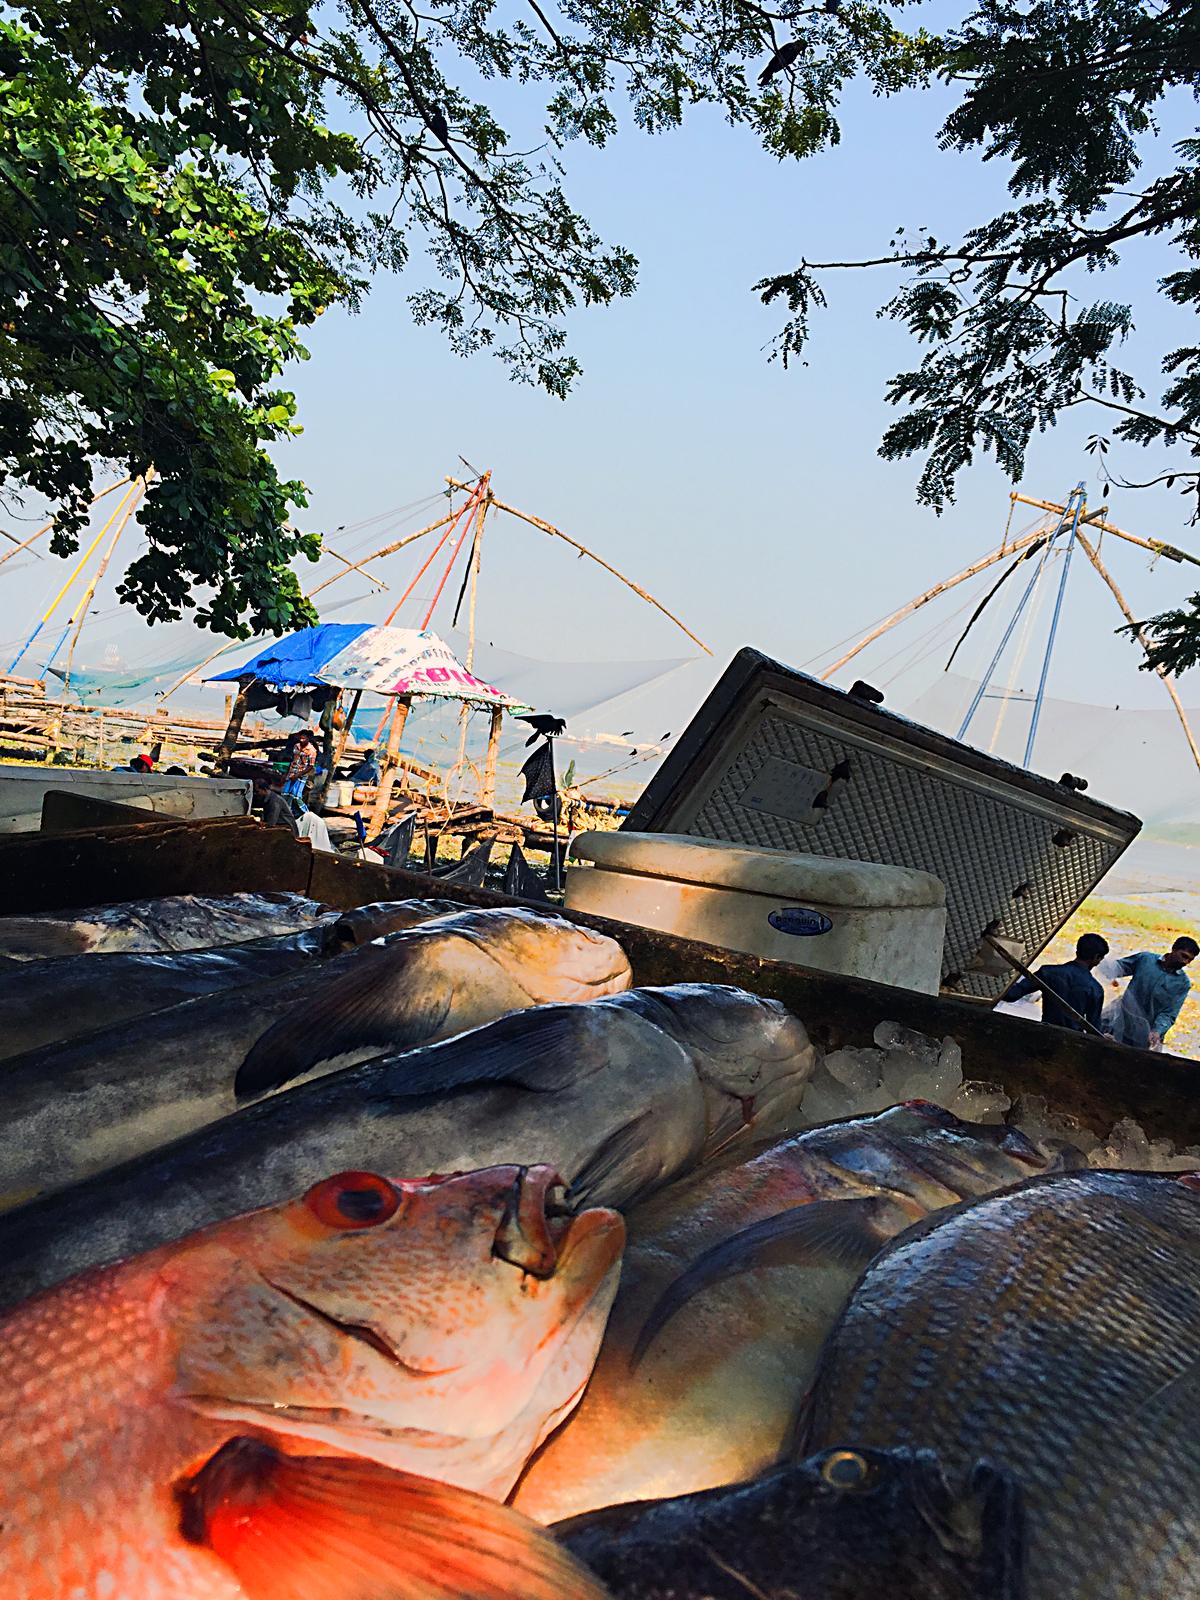 INDIEN Cochin Kerala Menschen Fischmarkt FINEST-onTour 2335.jpg